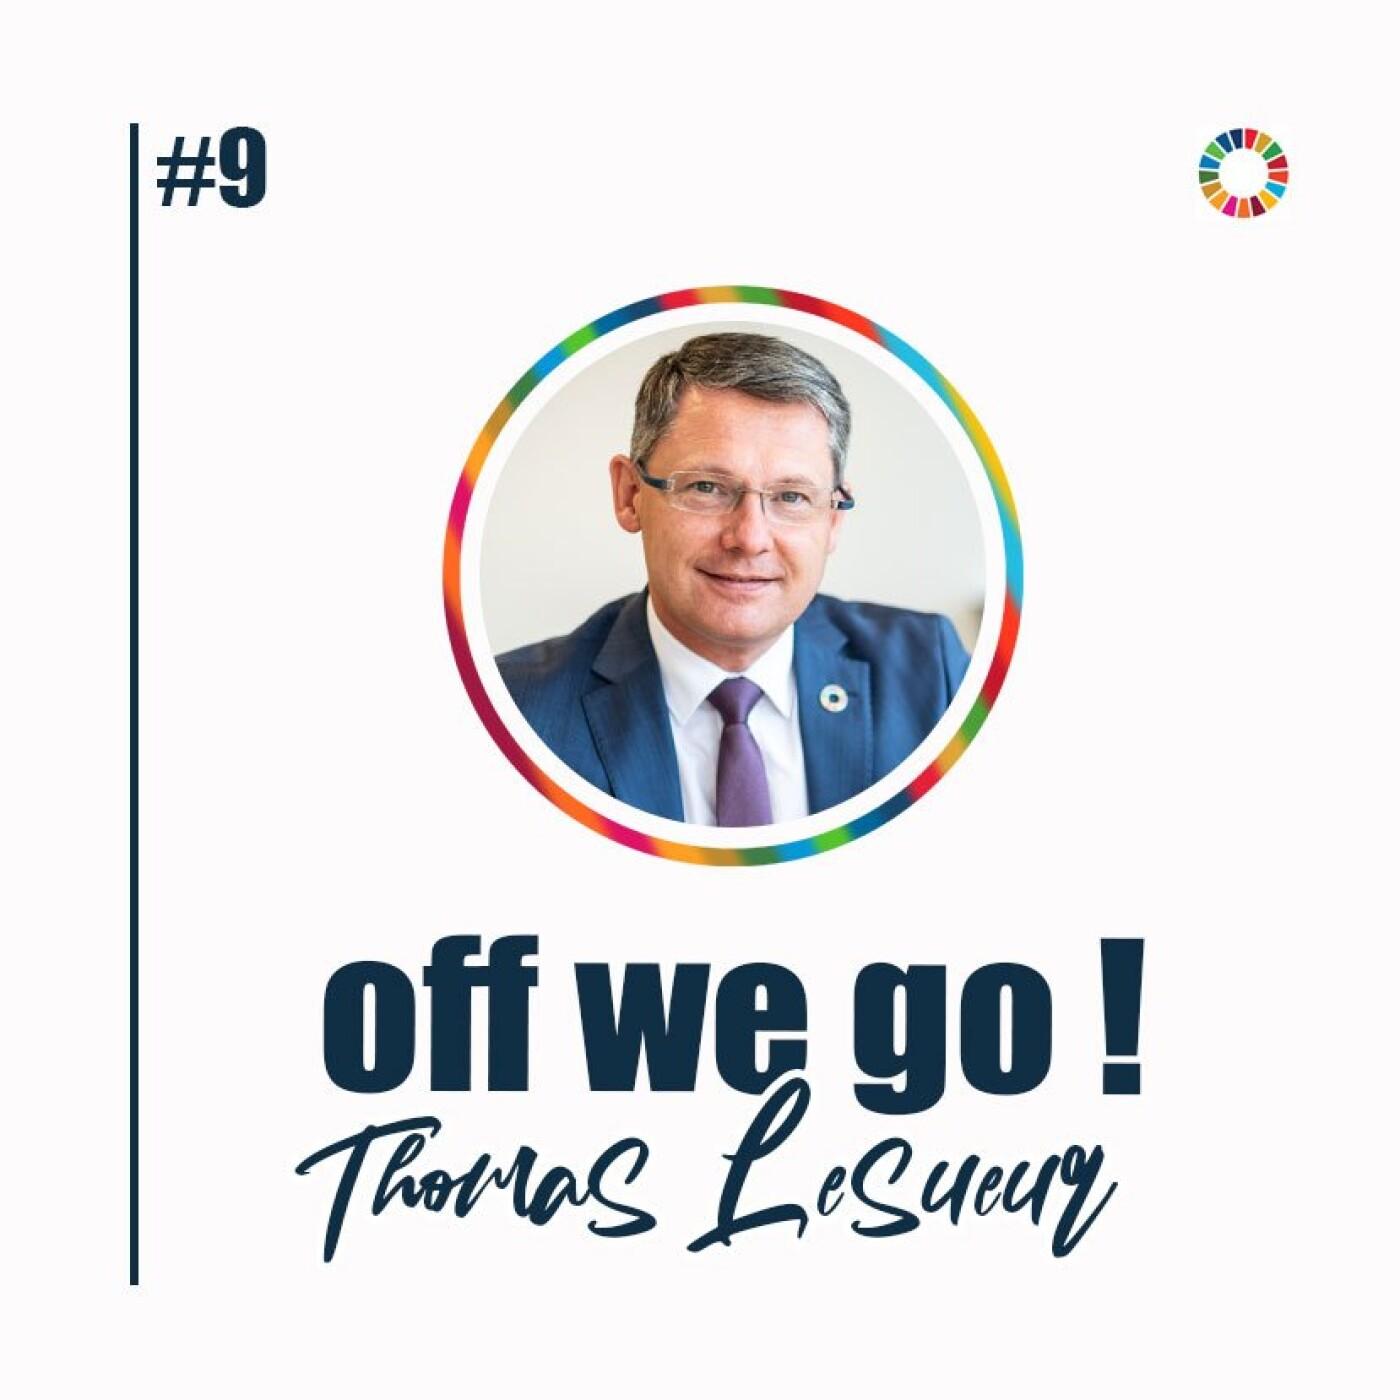 L'agenda 2030, le défi collectif pour retrouver et préserver le bien commun - Thomas Lesueur (Ministère de la Transition écologique)